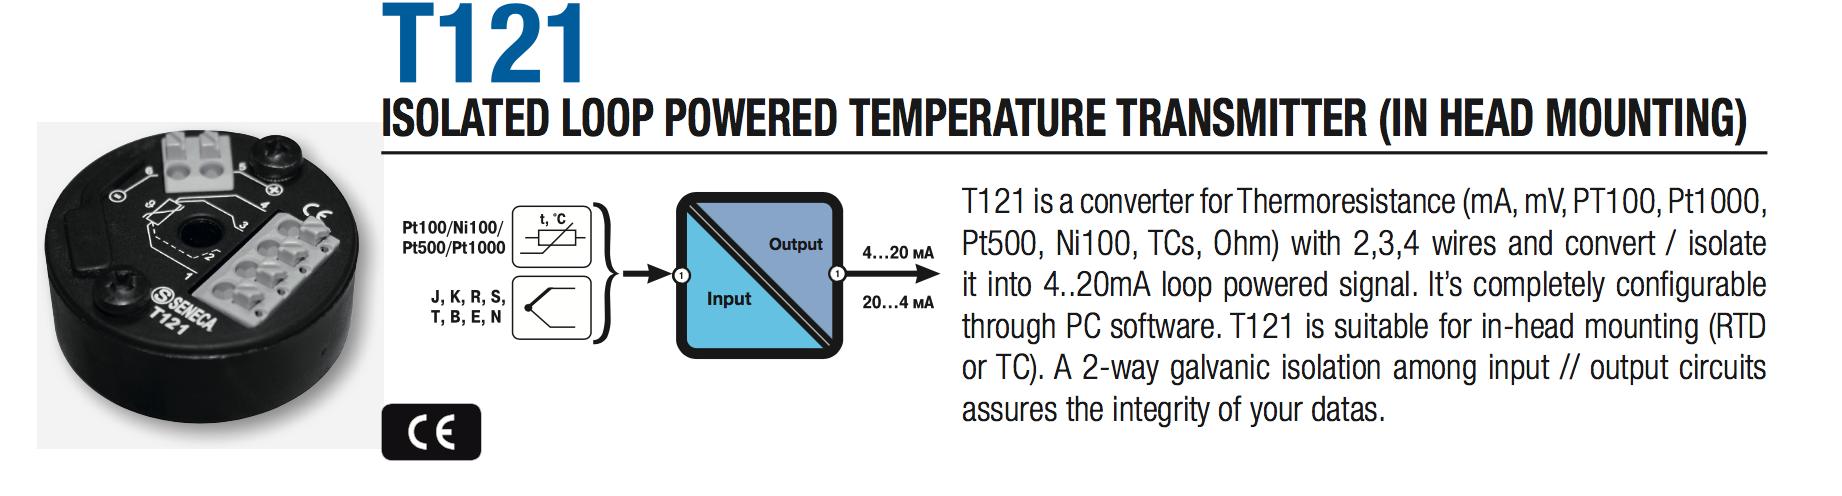 Bộ chuyển đổi tín hiệu nhiệt độ Pt100